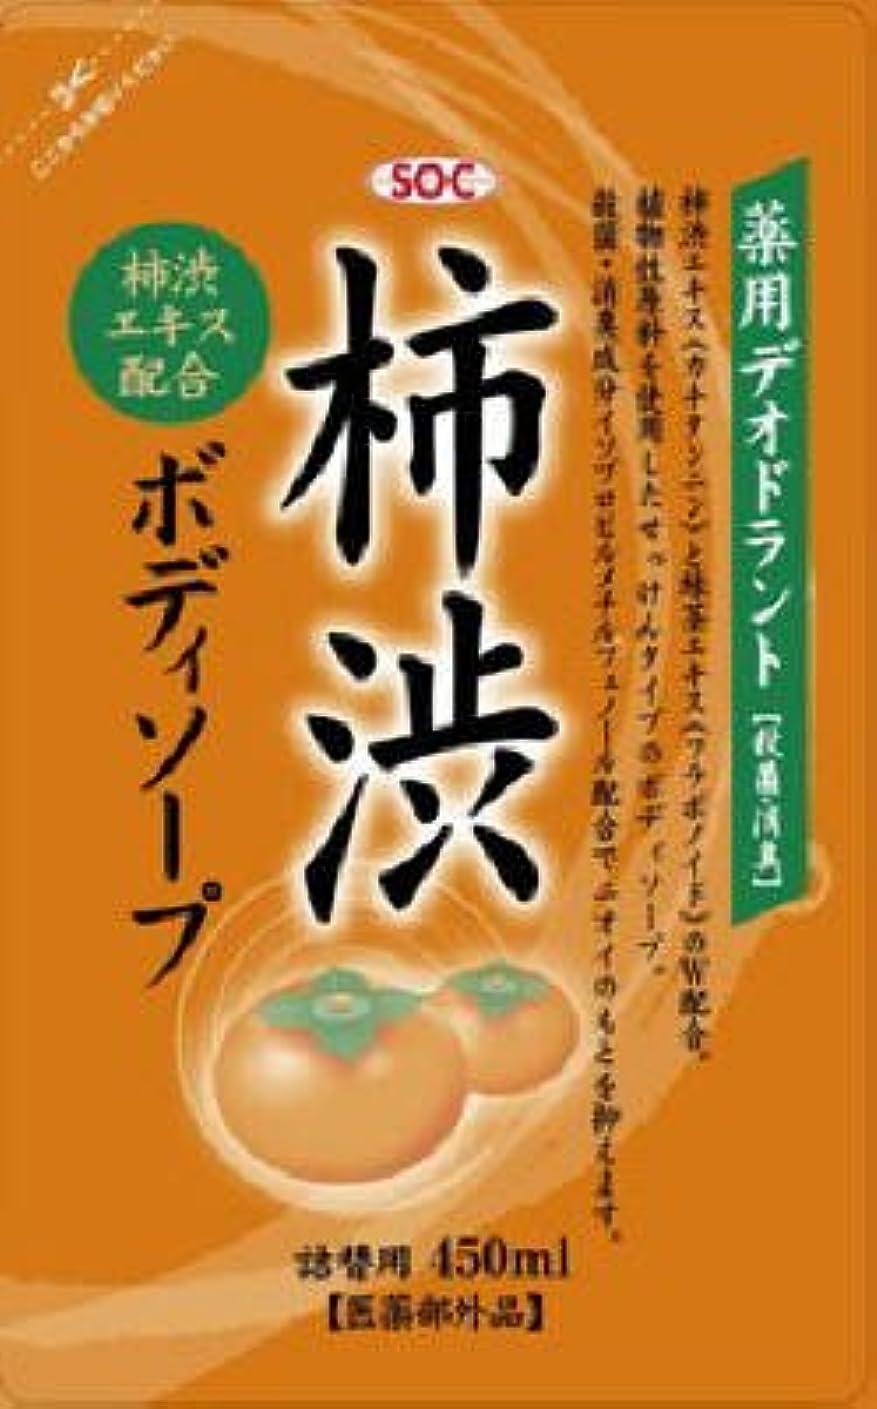 病んでいるアルカイック溶接渋谷油脂 SOC 薬用柿渋ボディソープ つめかえ用 450ml×24個セット(マイルドなせっけんタイプのボディソープ